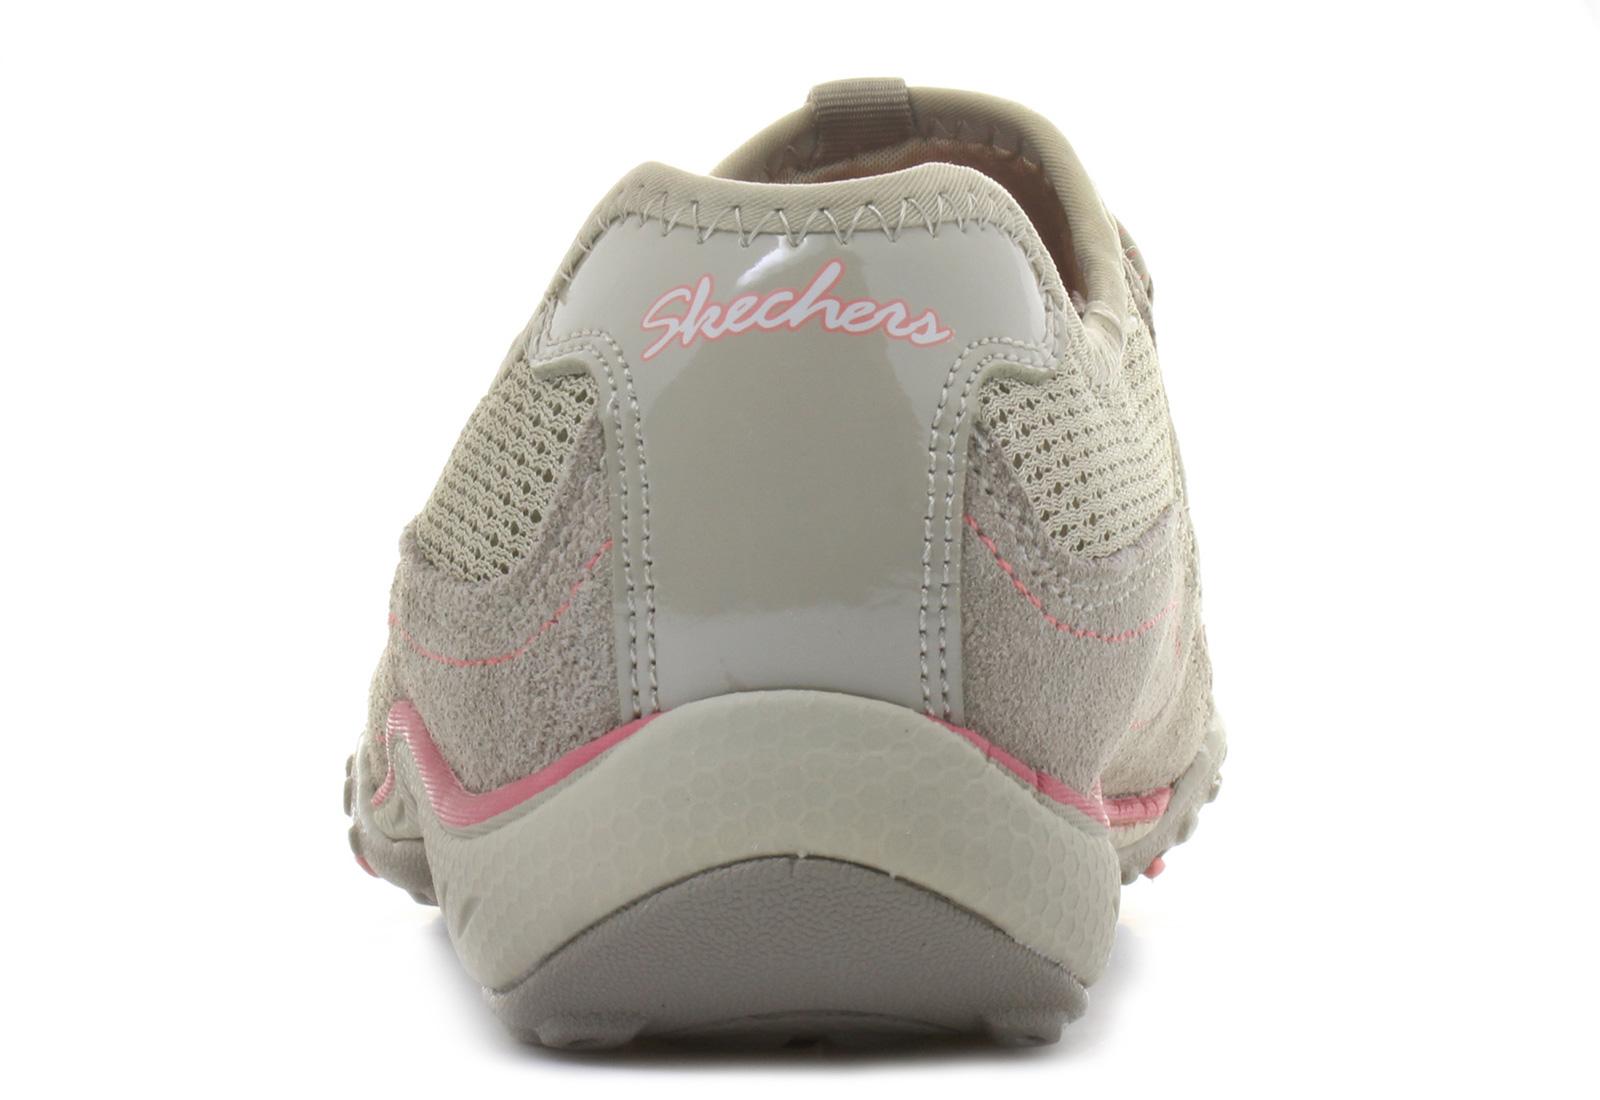 Skechers Relaxation Women S Shoes Size Size  Beige